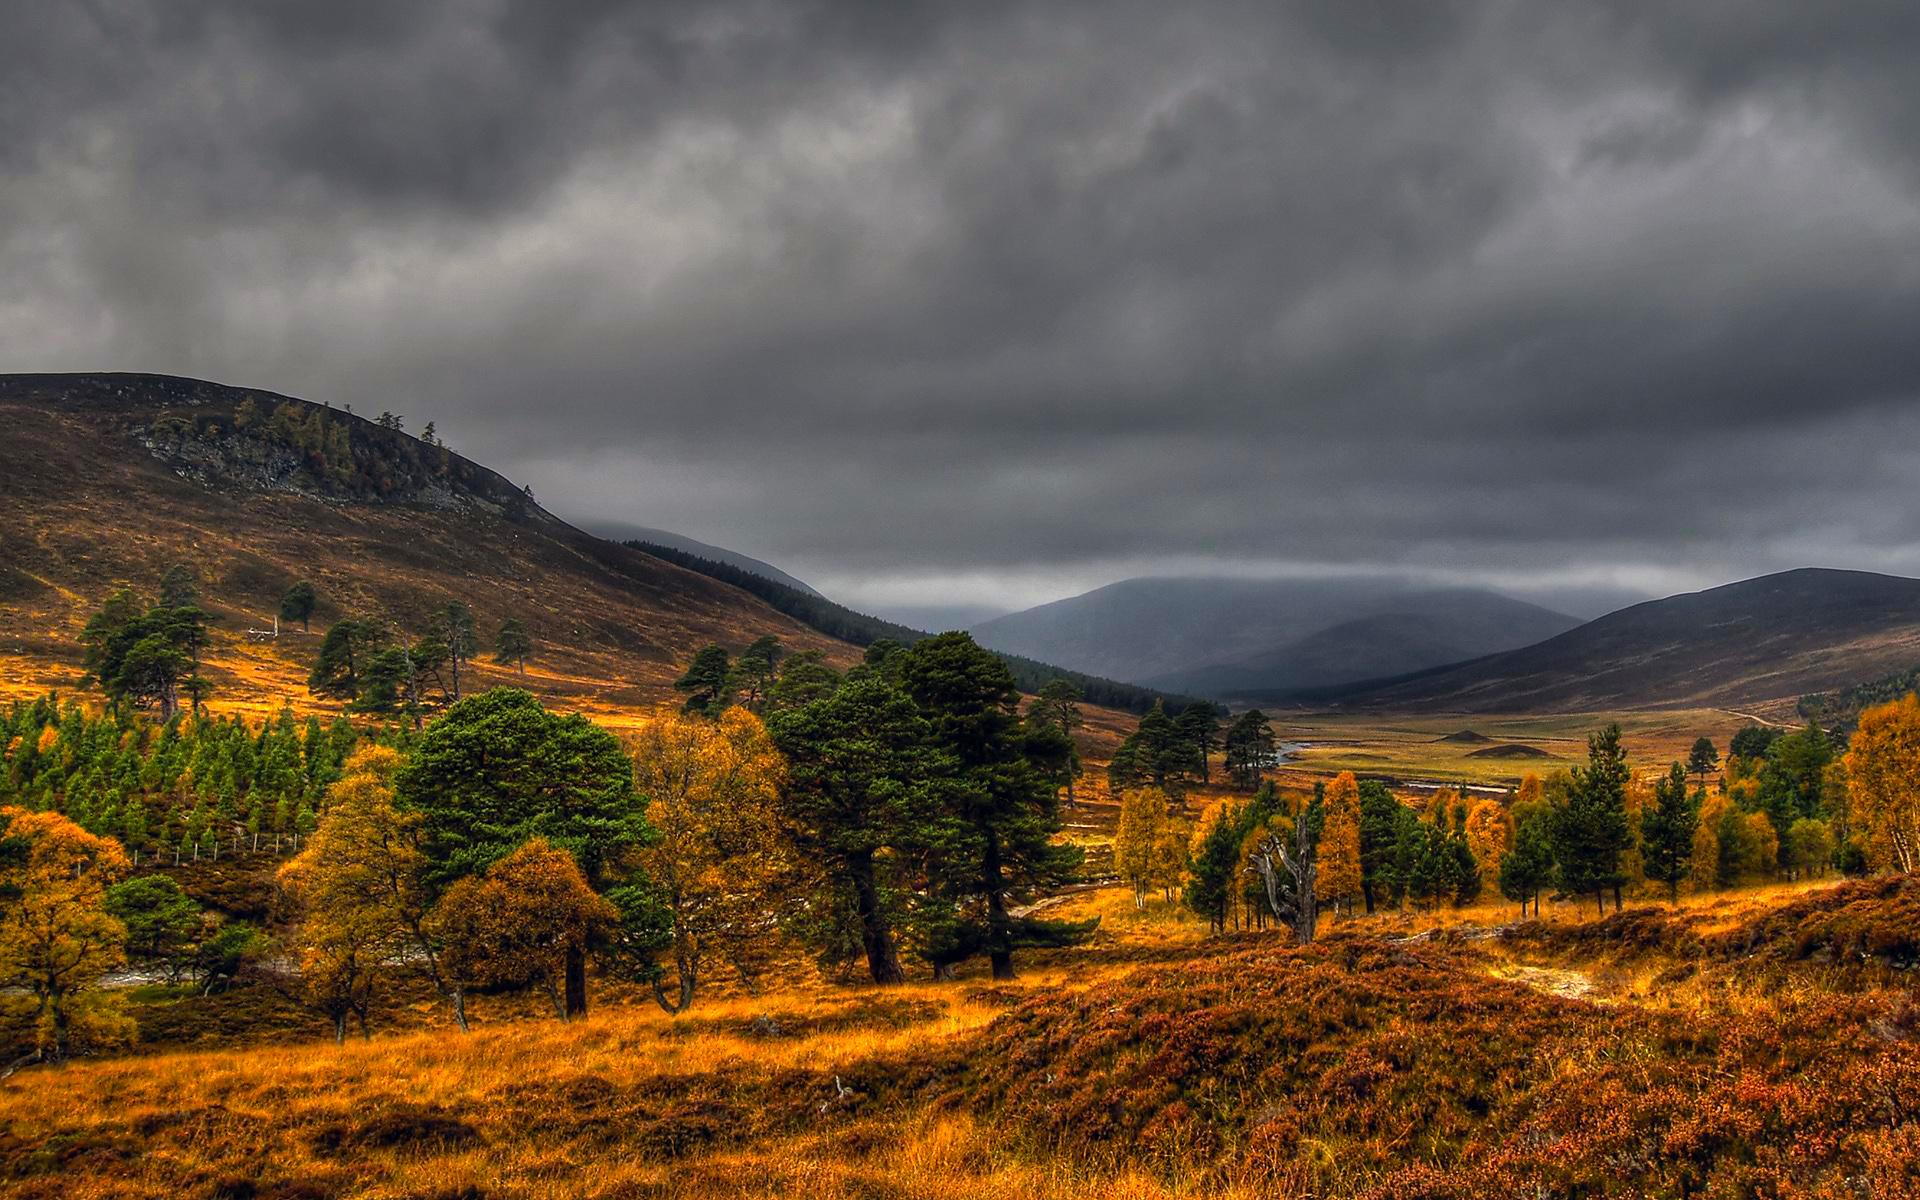 Autumn vale